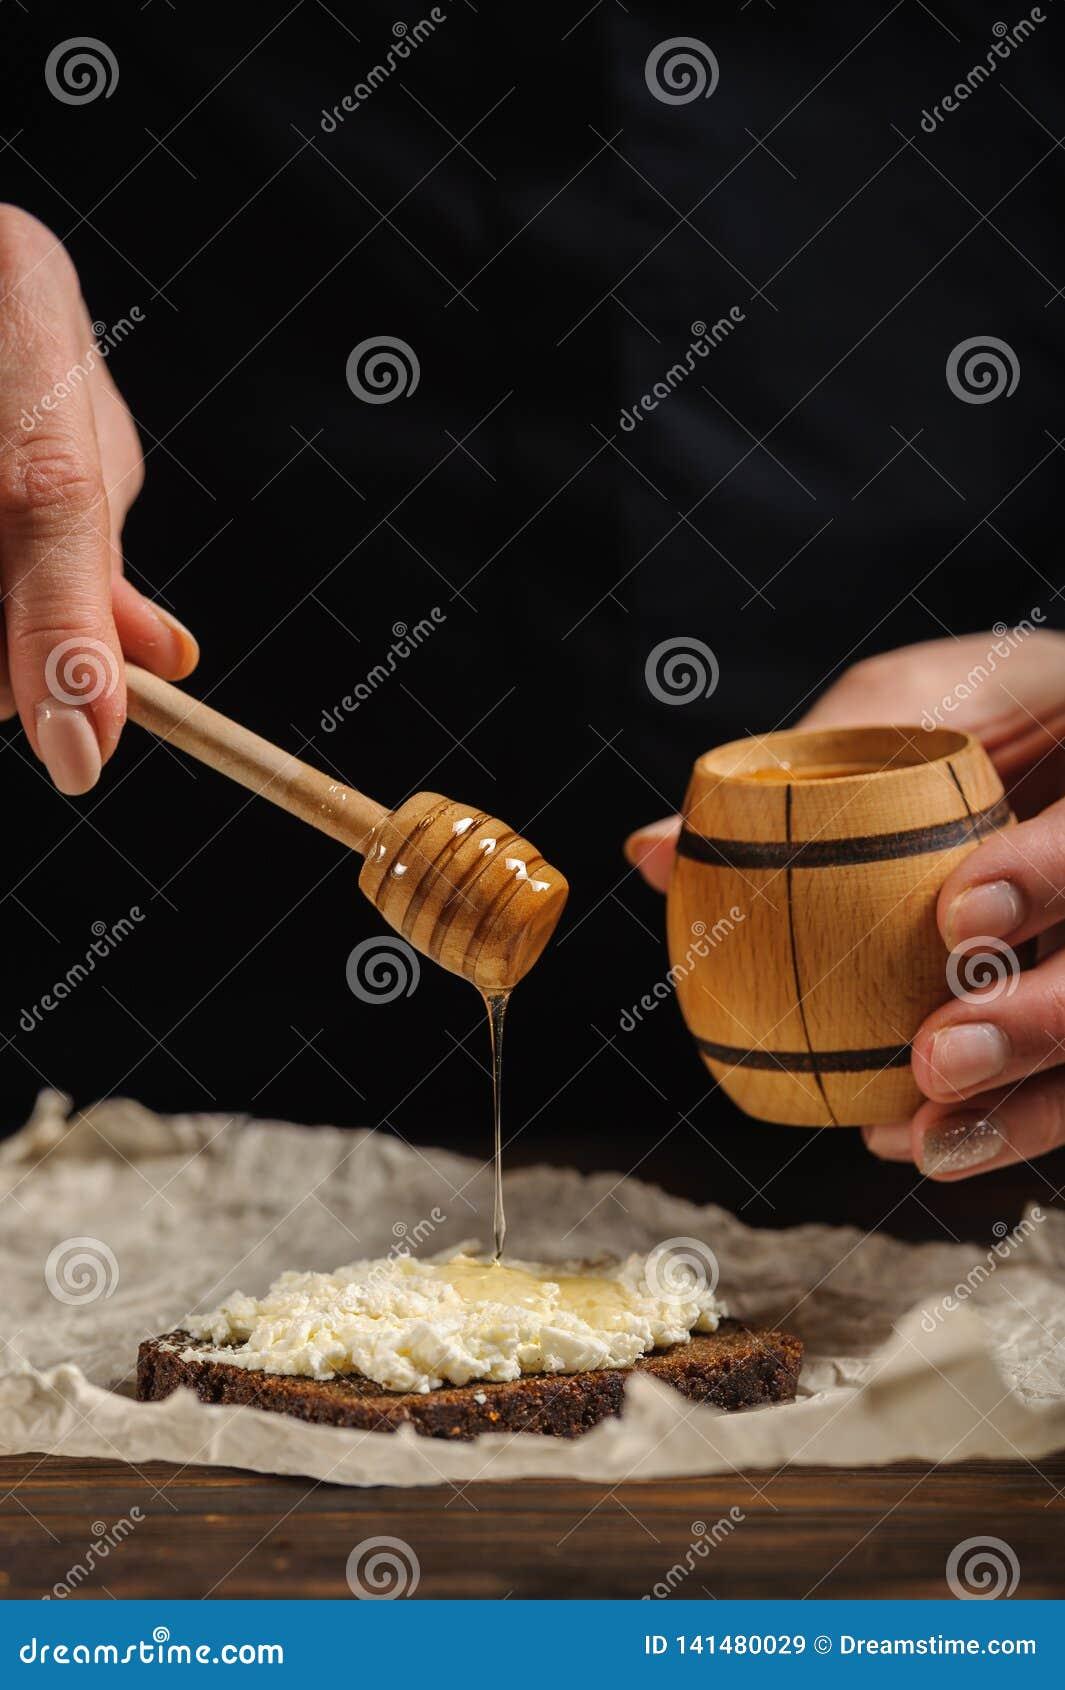 Le cuisinier verse le miel sur le pain